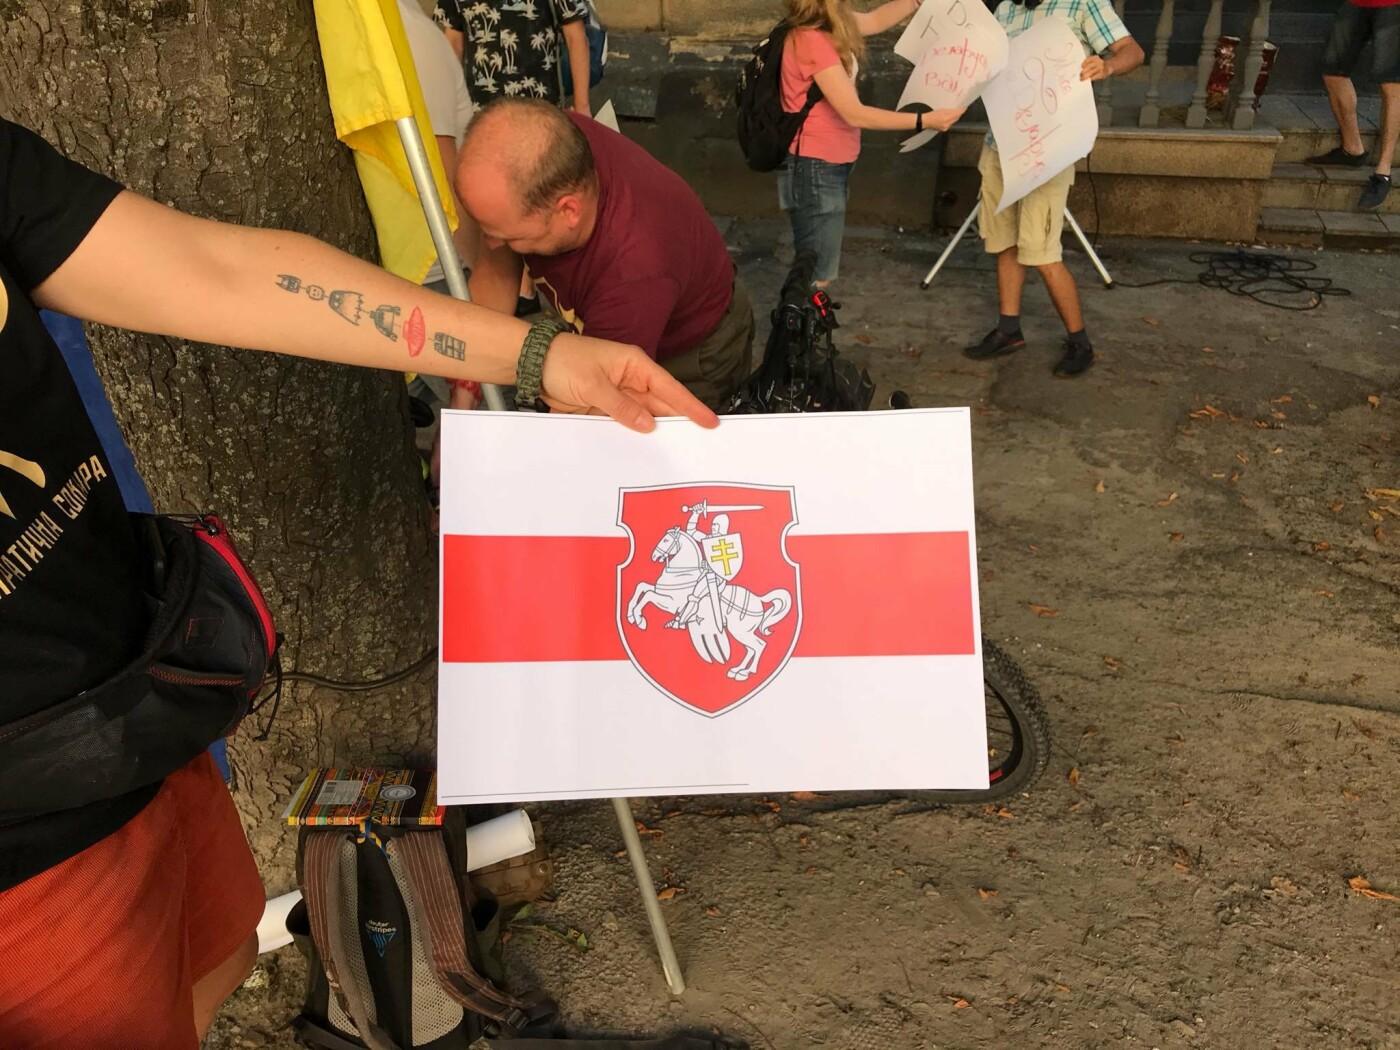 Акція підтримки білоруських протестувальників у Львові. Фото - 032.ua